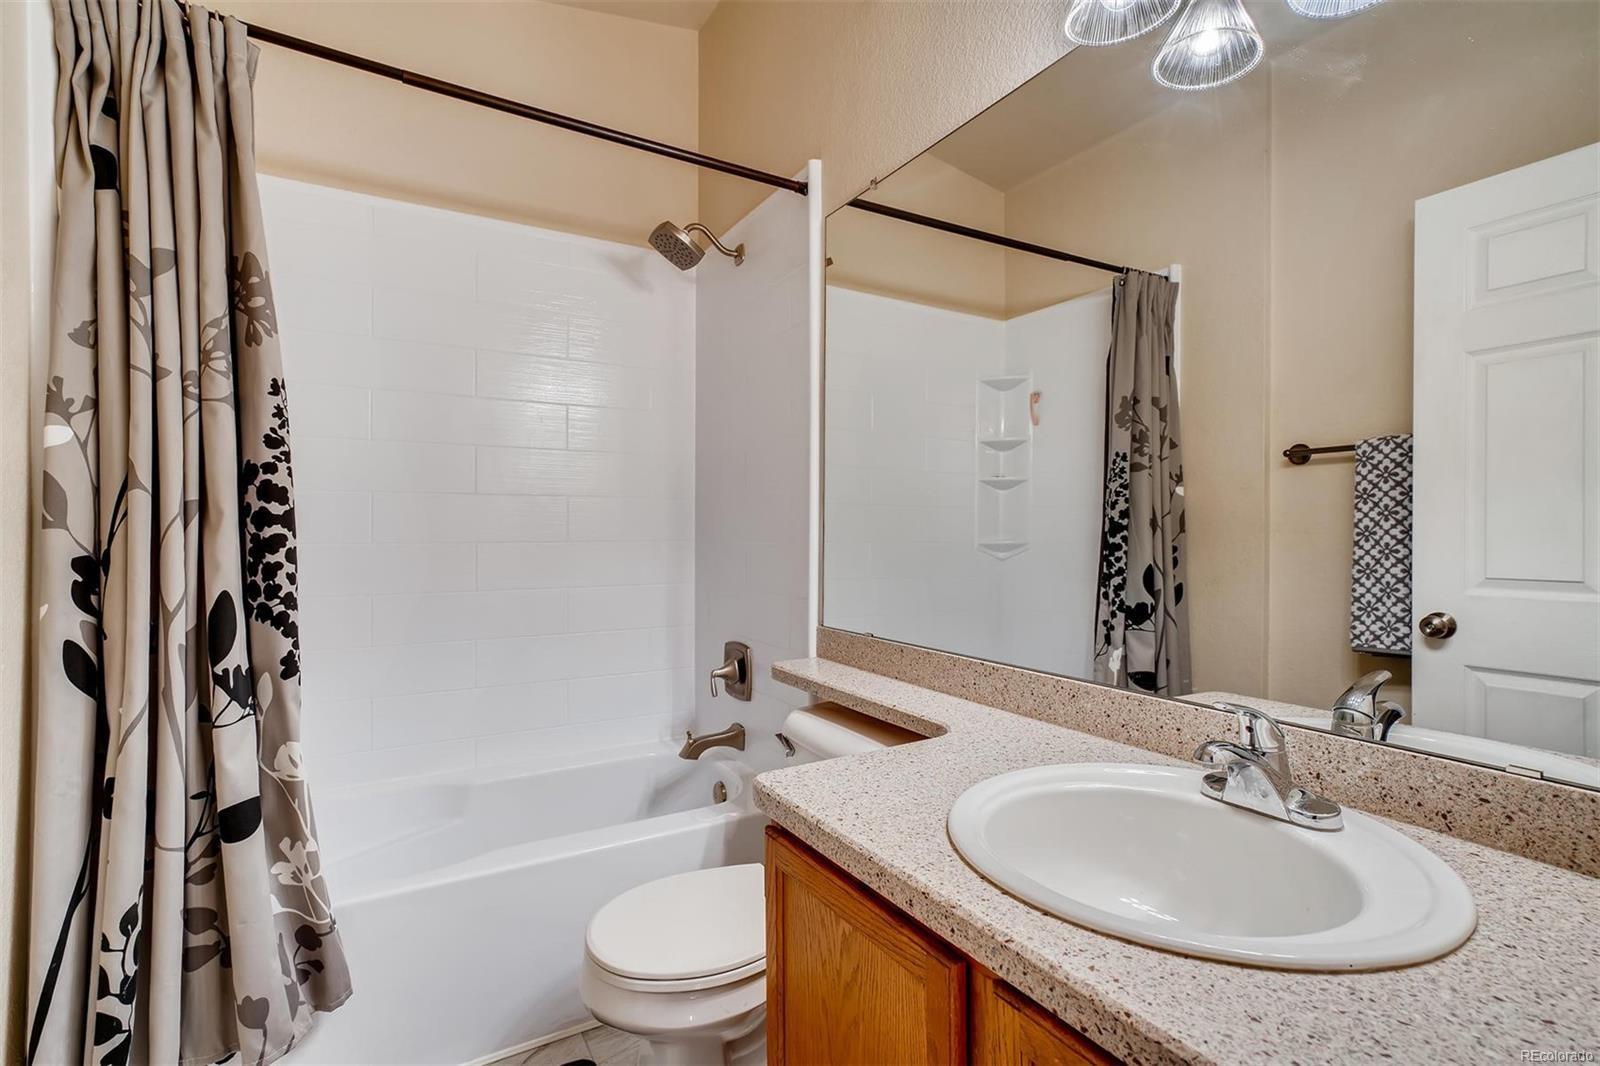 MLS# 8721430 - 17 - 1737 S Deframe Street, Lakewood, CO 80228